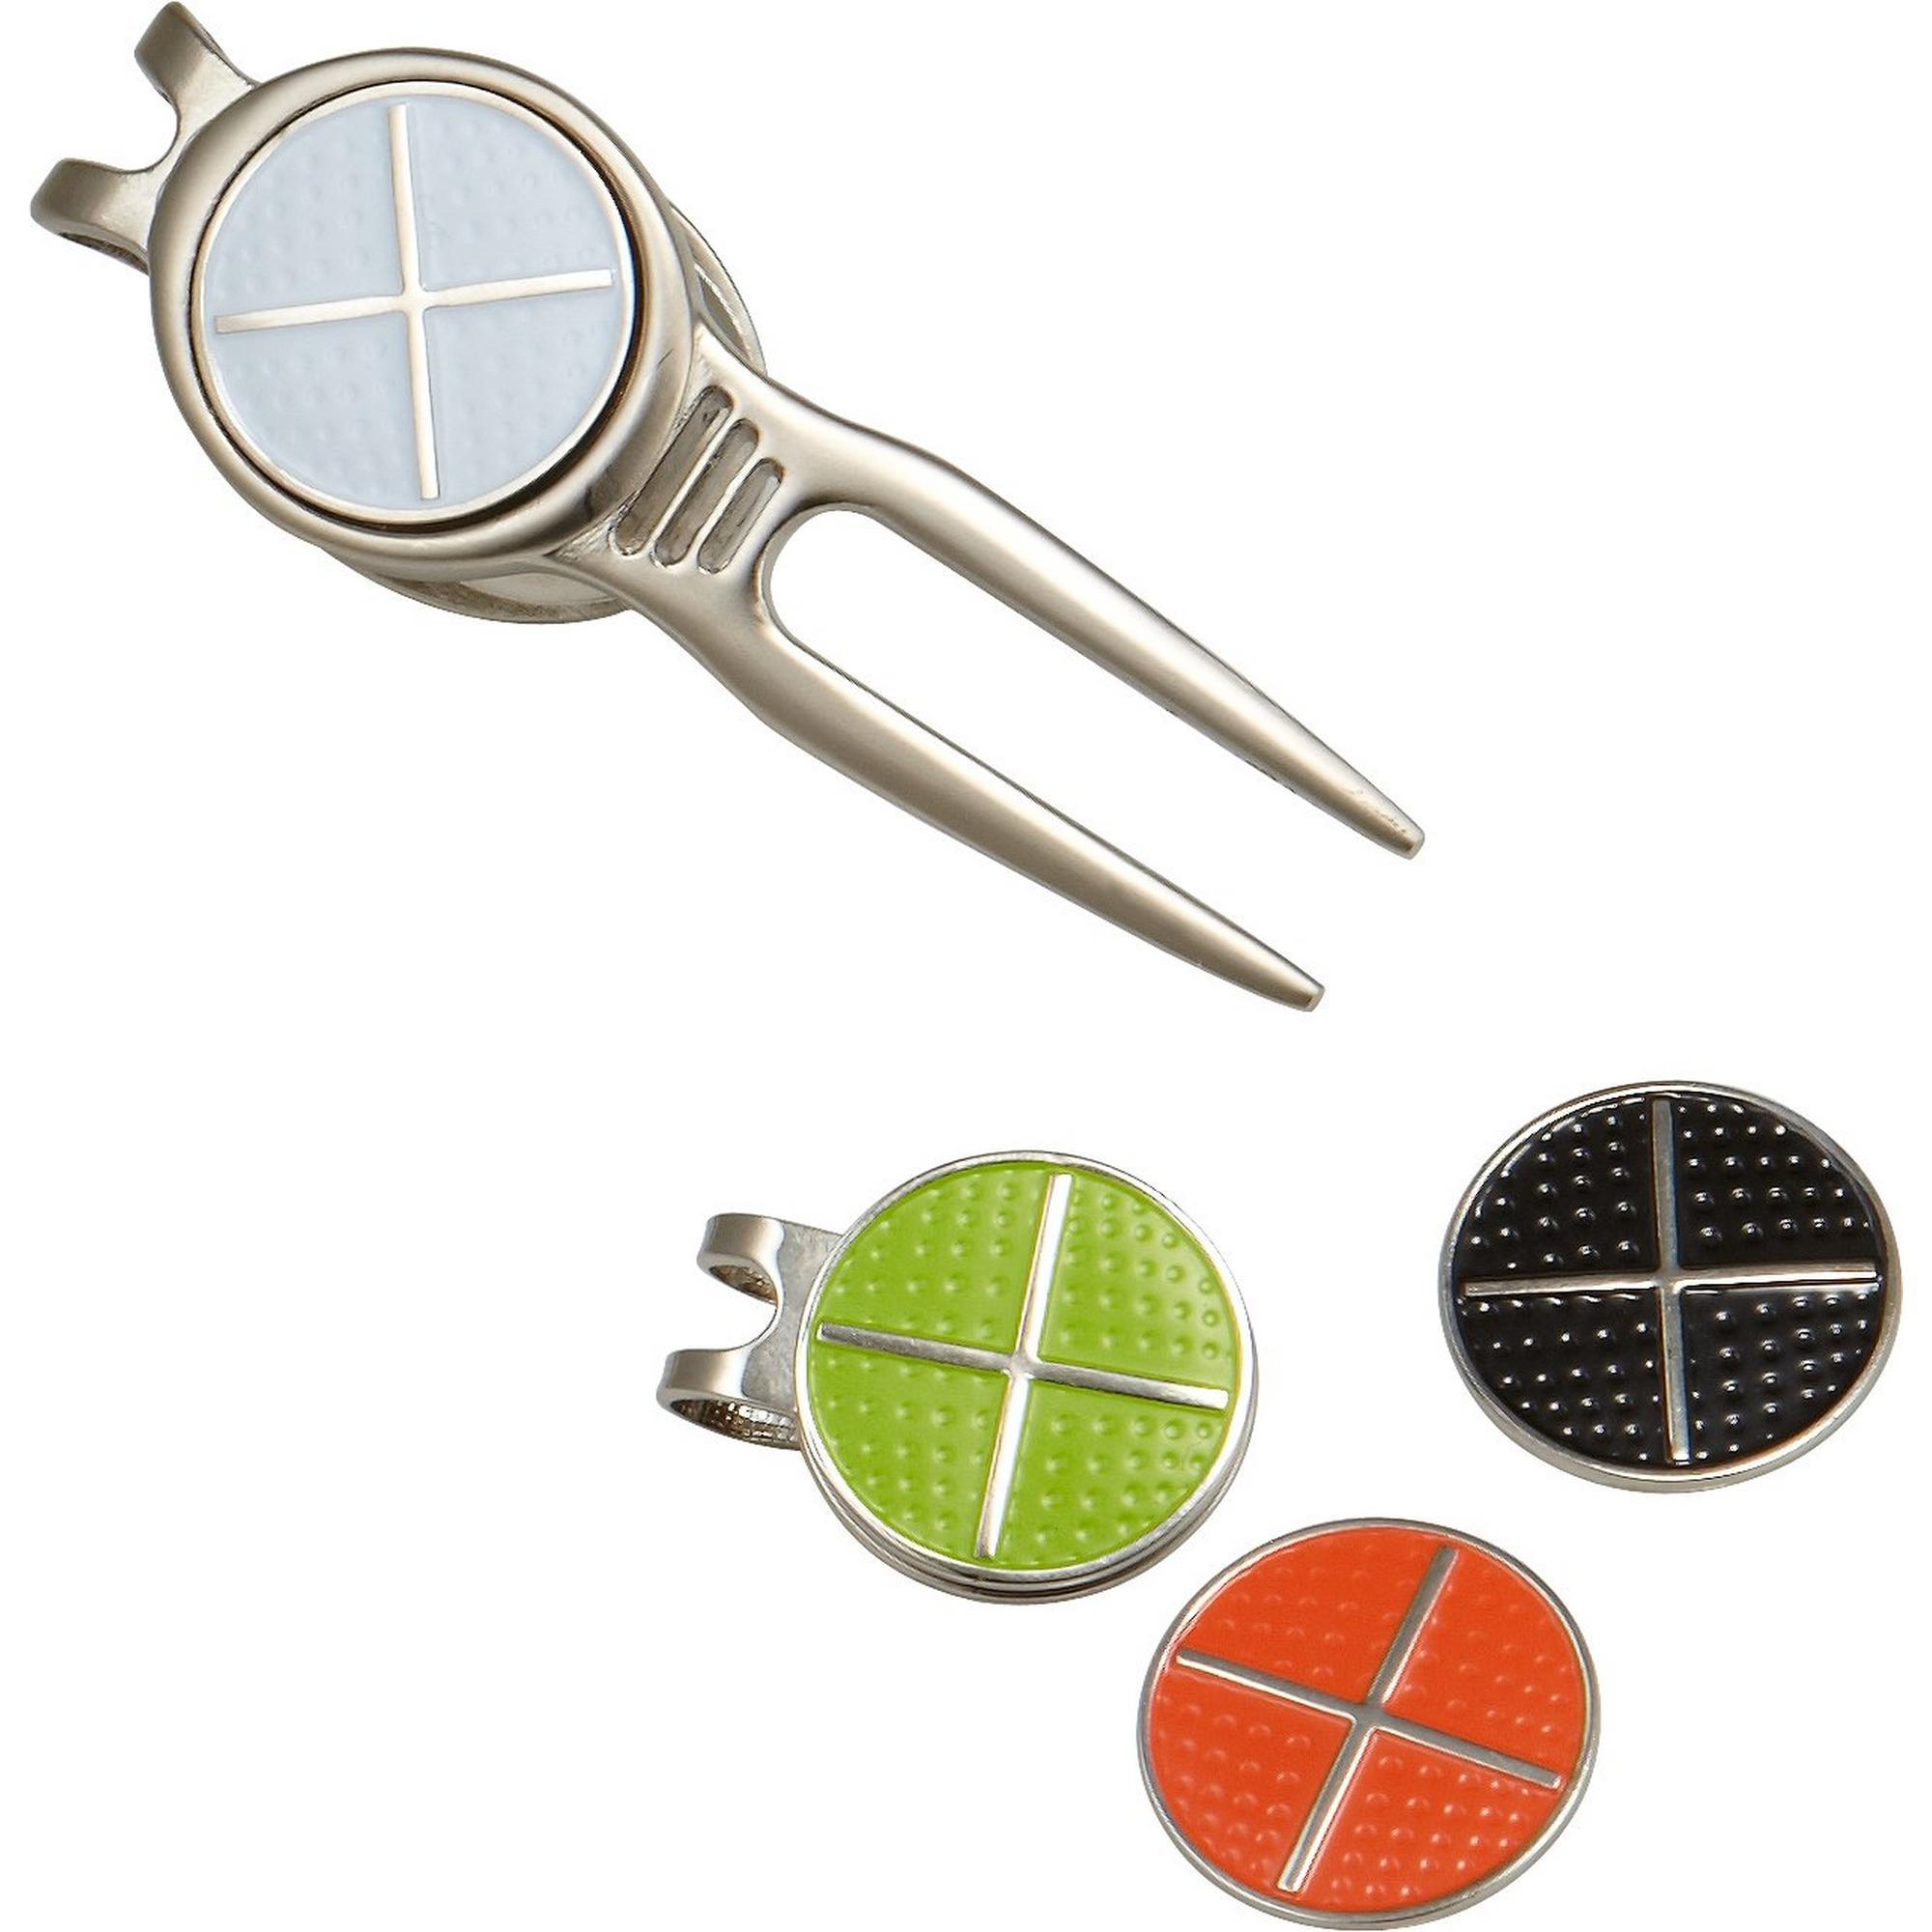 Outil réparation avec marqueurs de balles noir, blanc, vert et orange